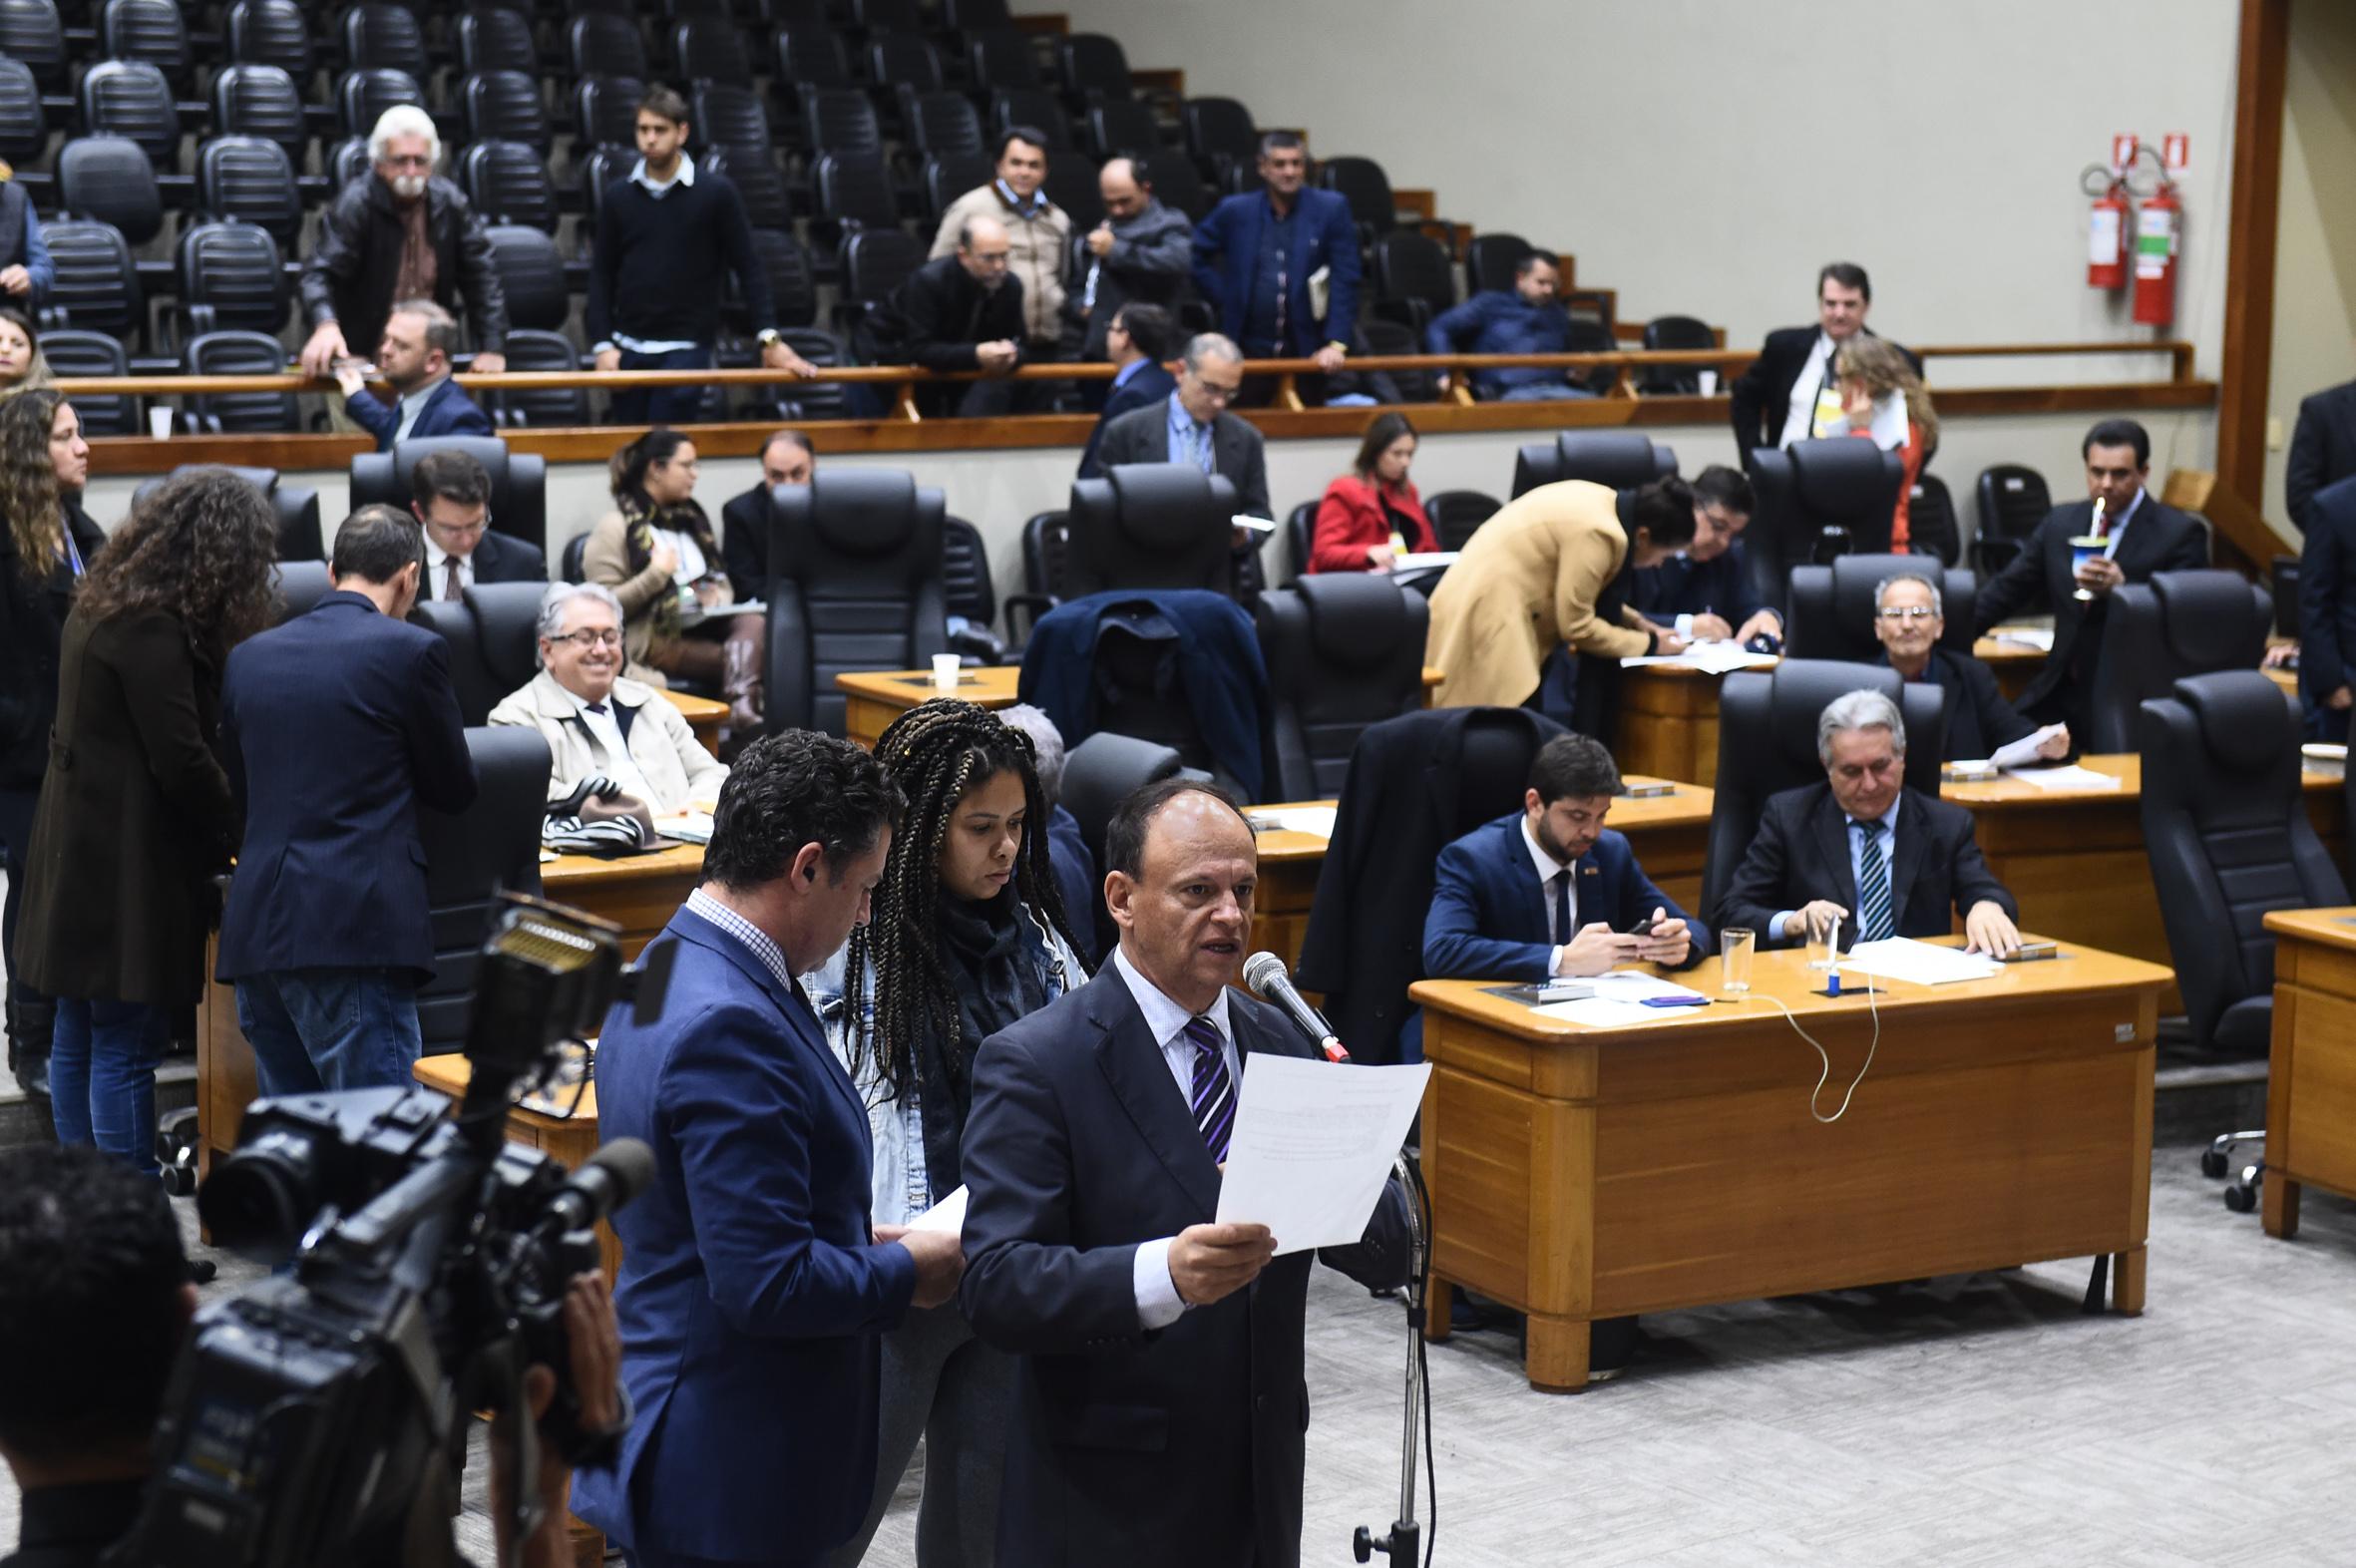 Vereador João Bosco Vaz, no microfone de apartes, no Plenário Otávio Rocha